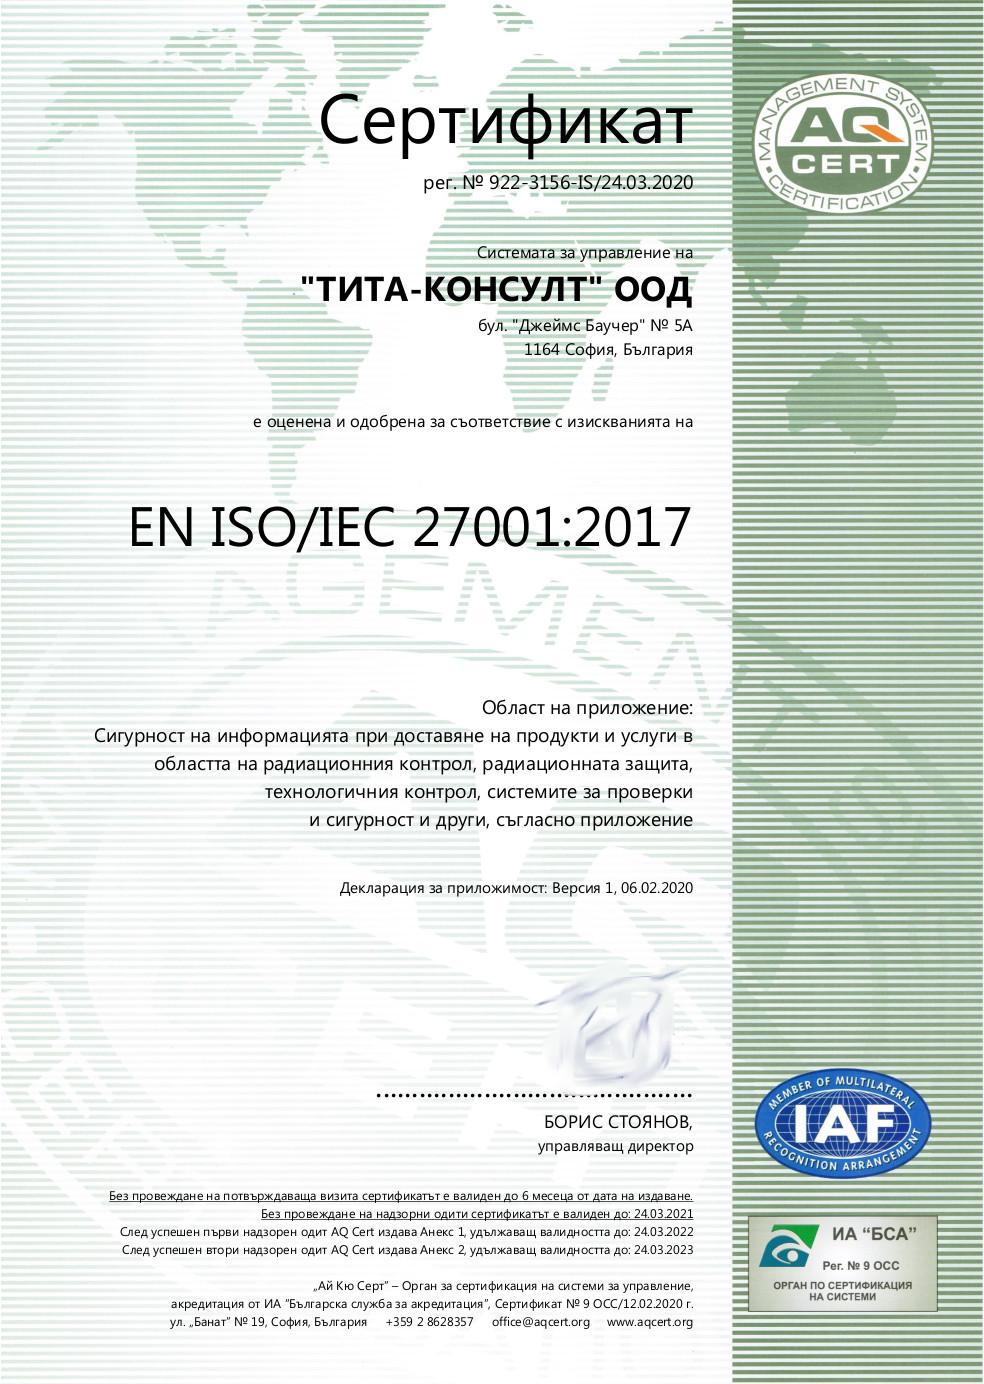 http://www.thetaconsult.com/wp-content/uploads/2020/05/Certificate-3156-TITA_KONSULT_OOD-BG.jpg